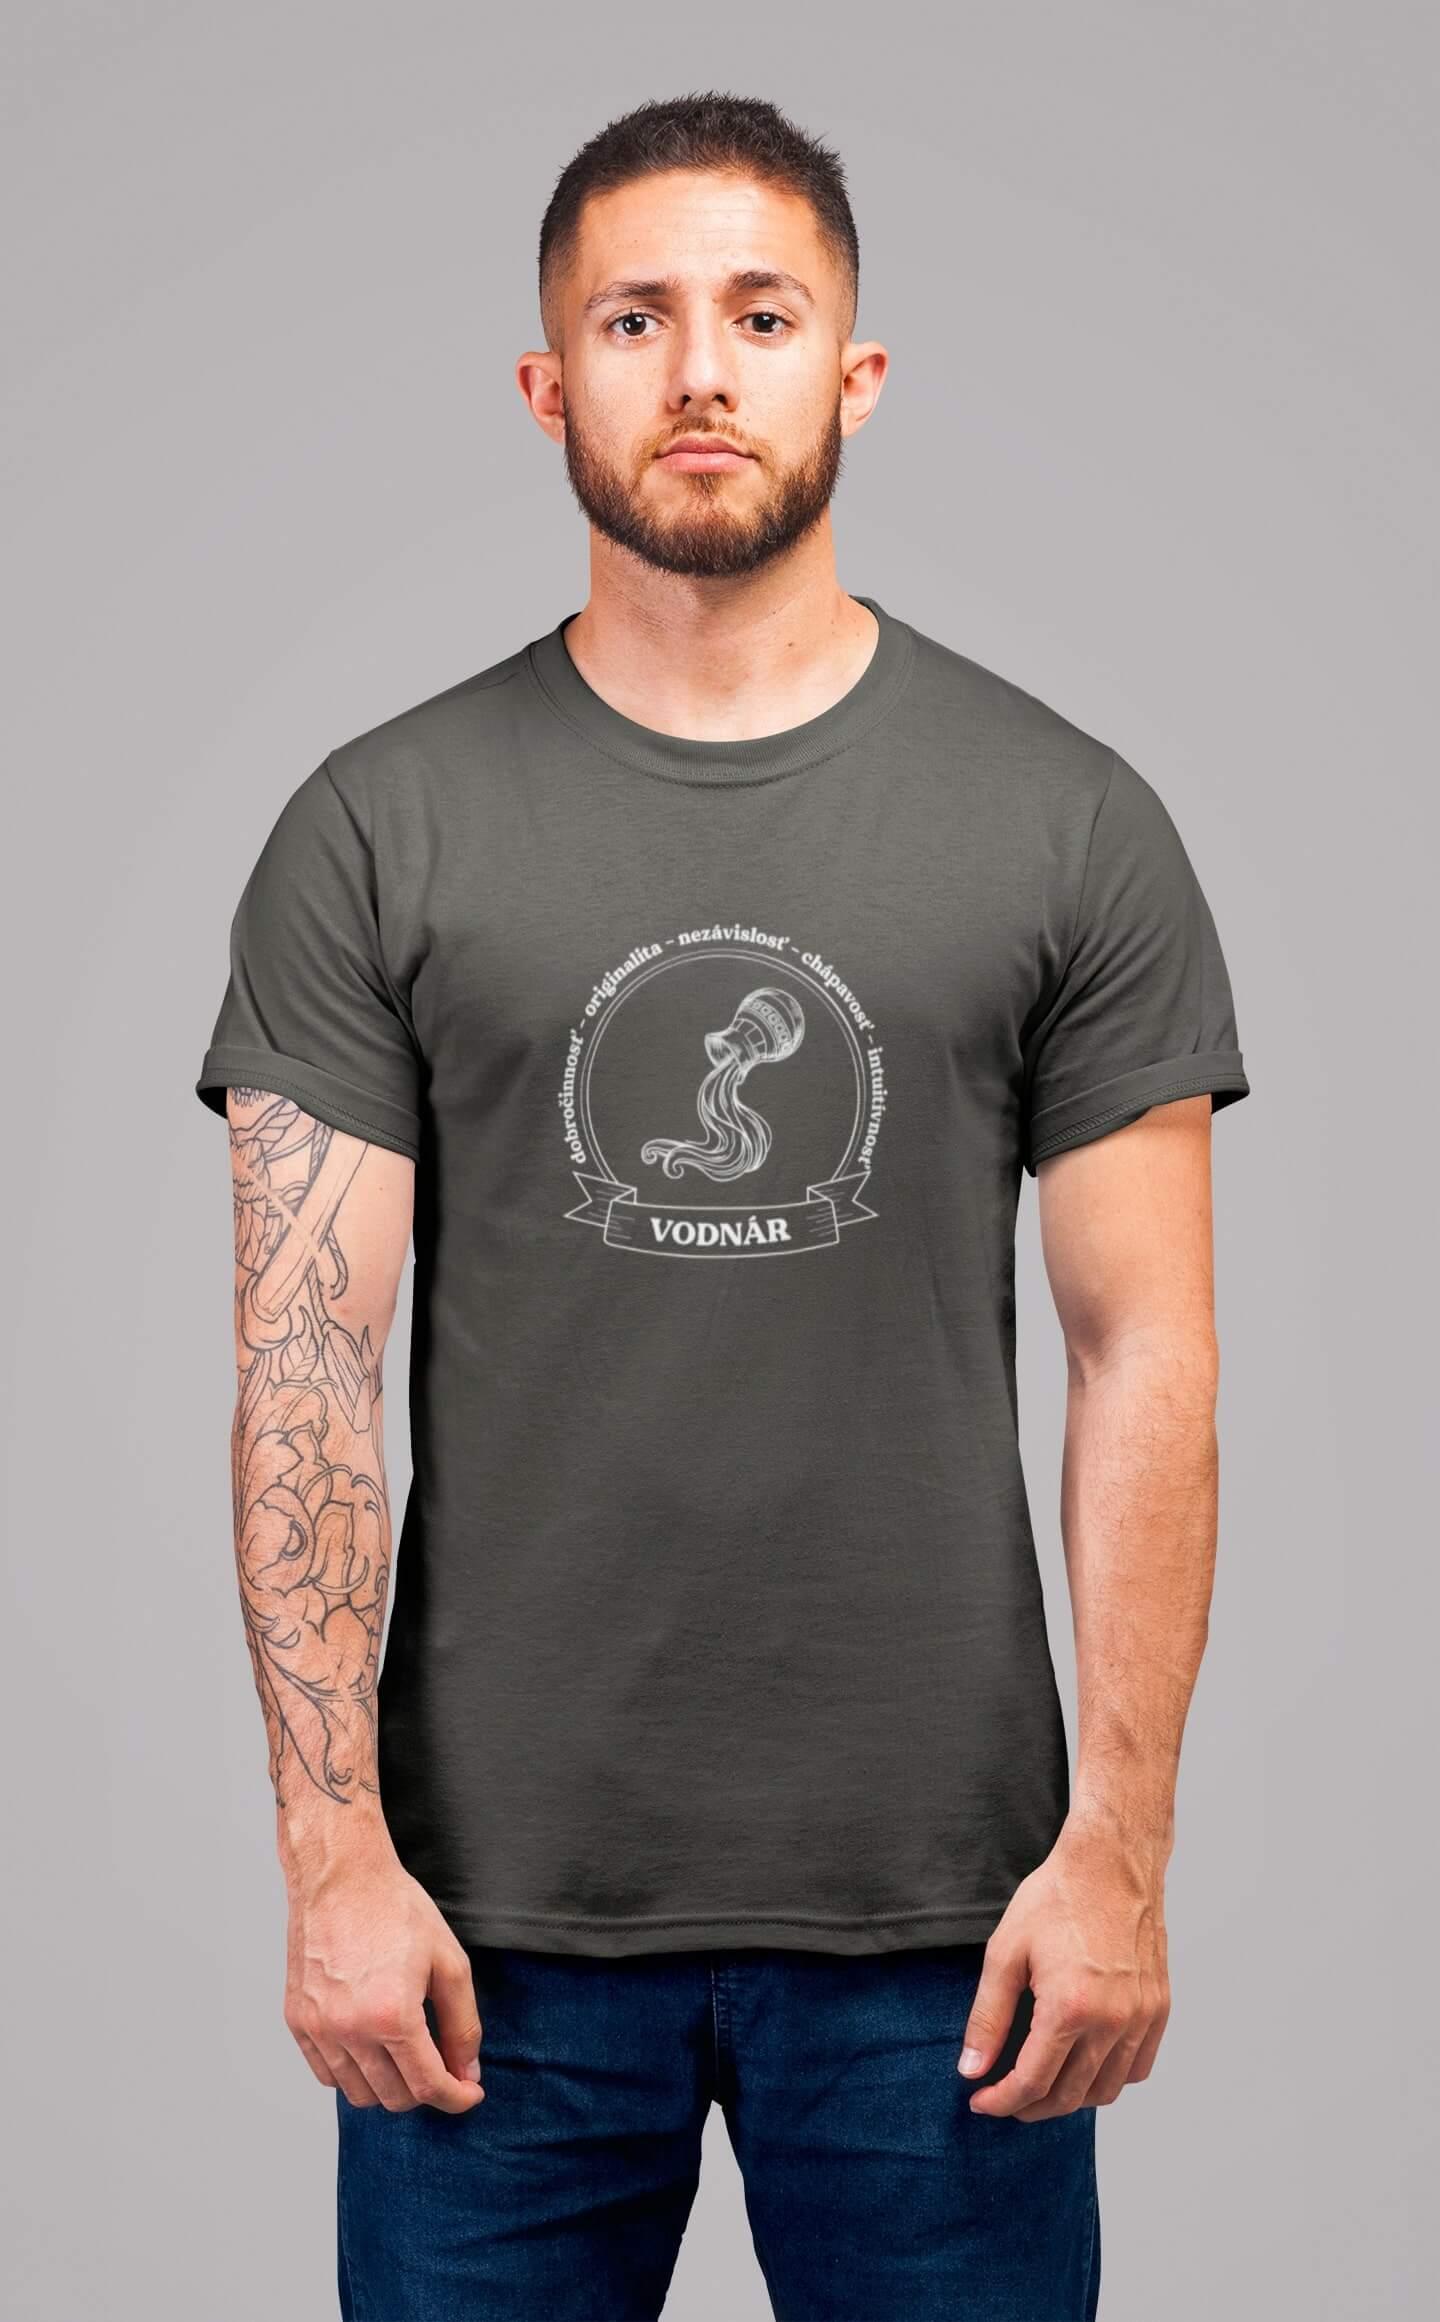 MMO Pánske tričko Vodnár Vyberte farbu: Tmavá bridlica, Vyberte veľkosť: XL